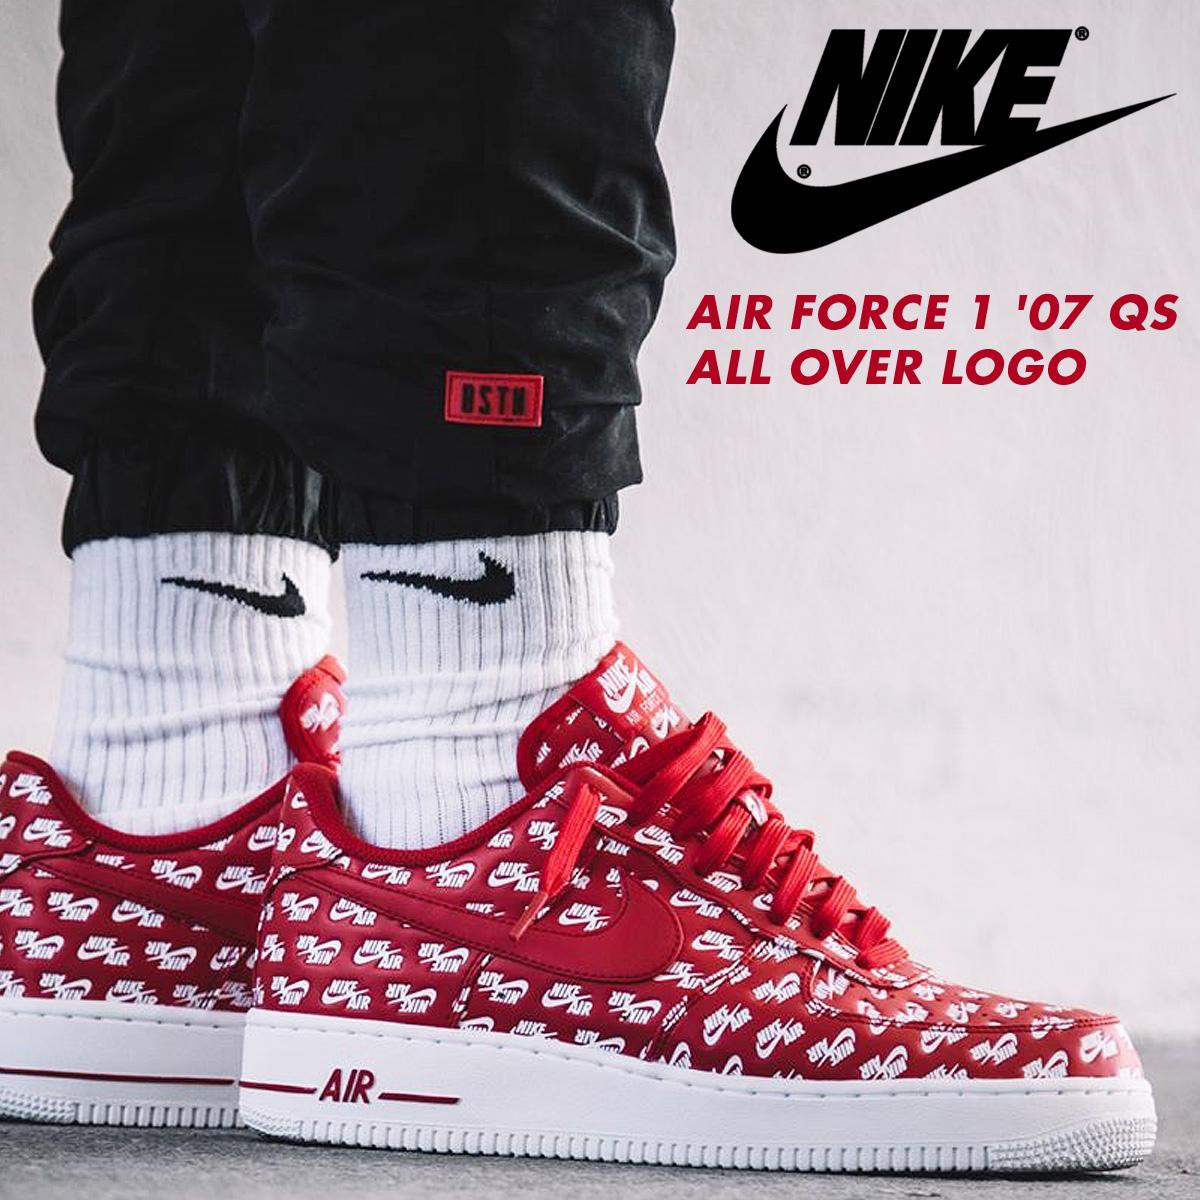 air force 1 qs 07